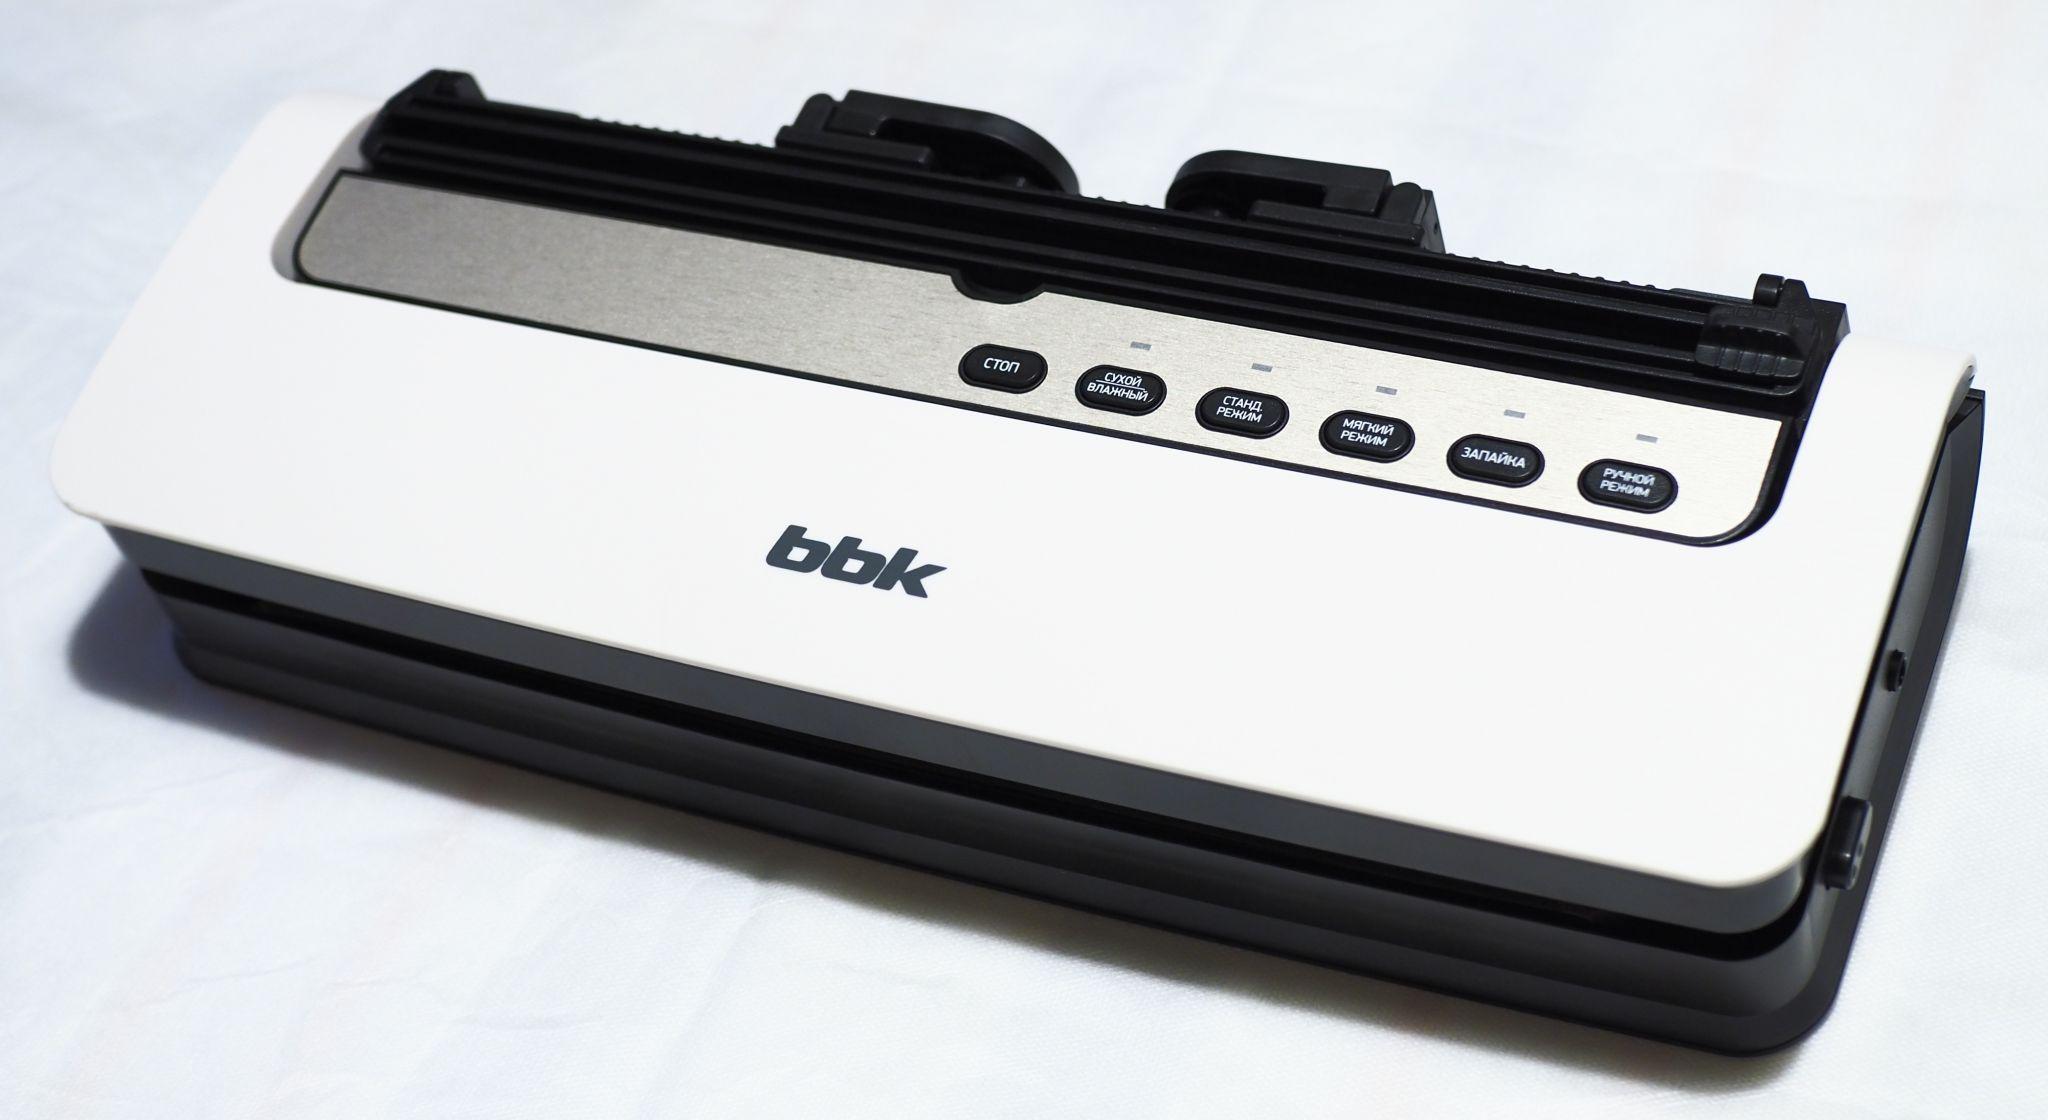 Вакуумный упаковщик bbk bvs801 описание нефтекамск массажеры